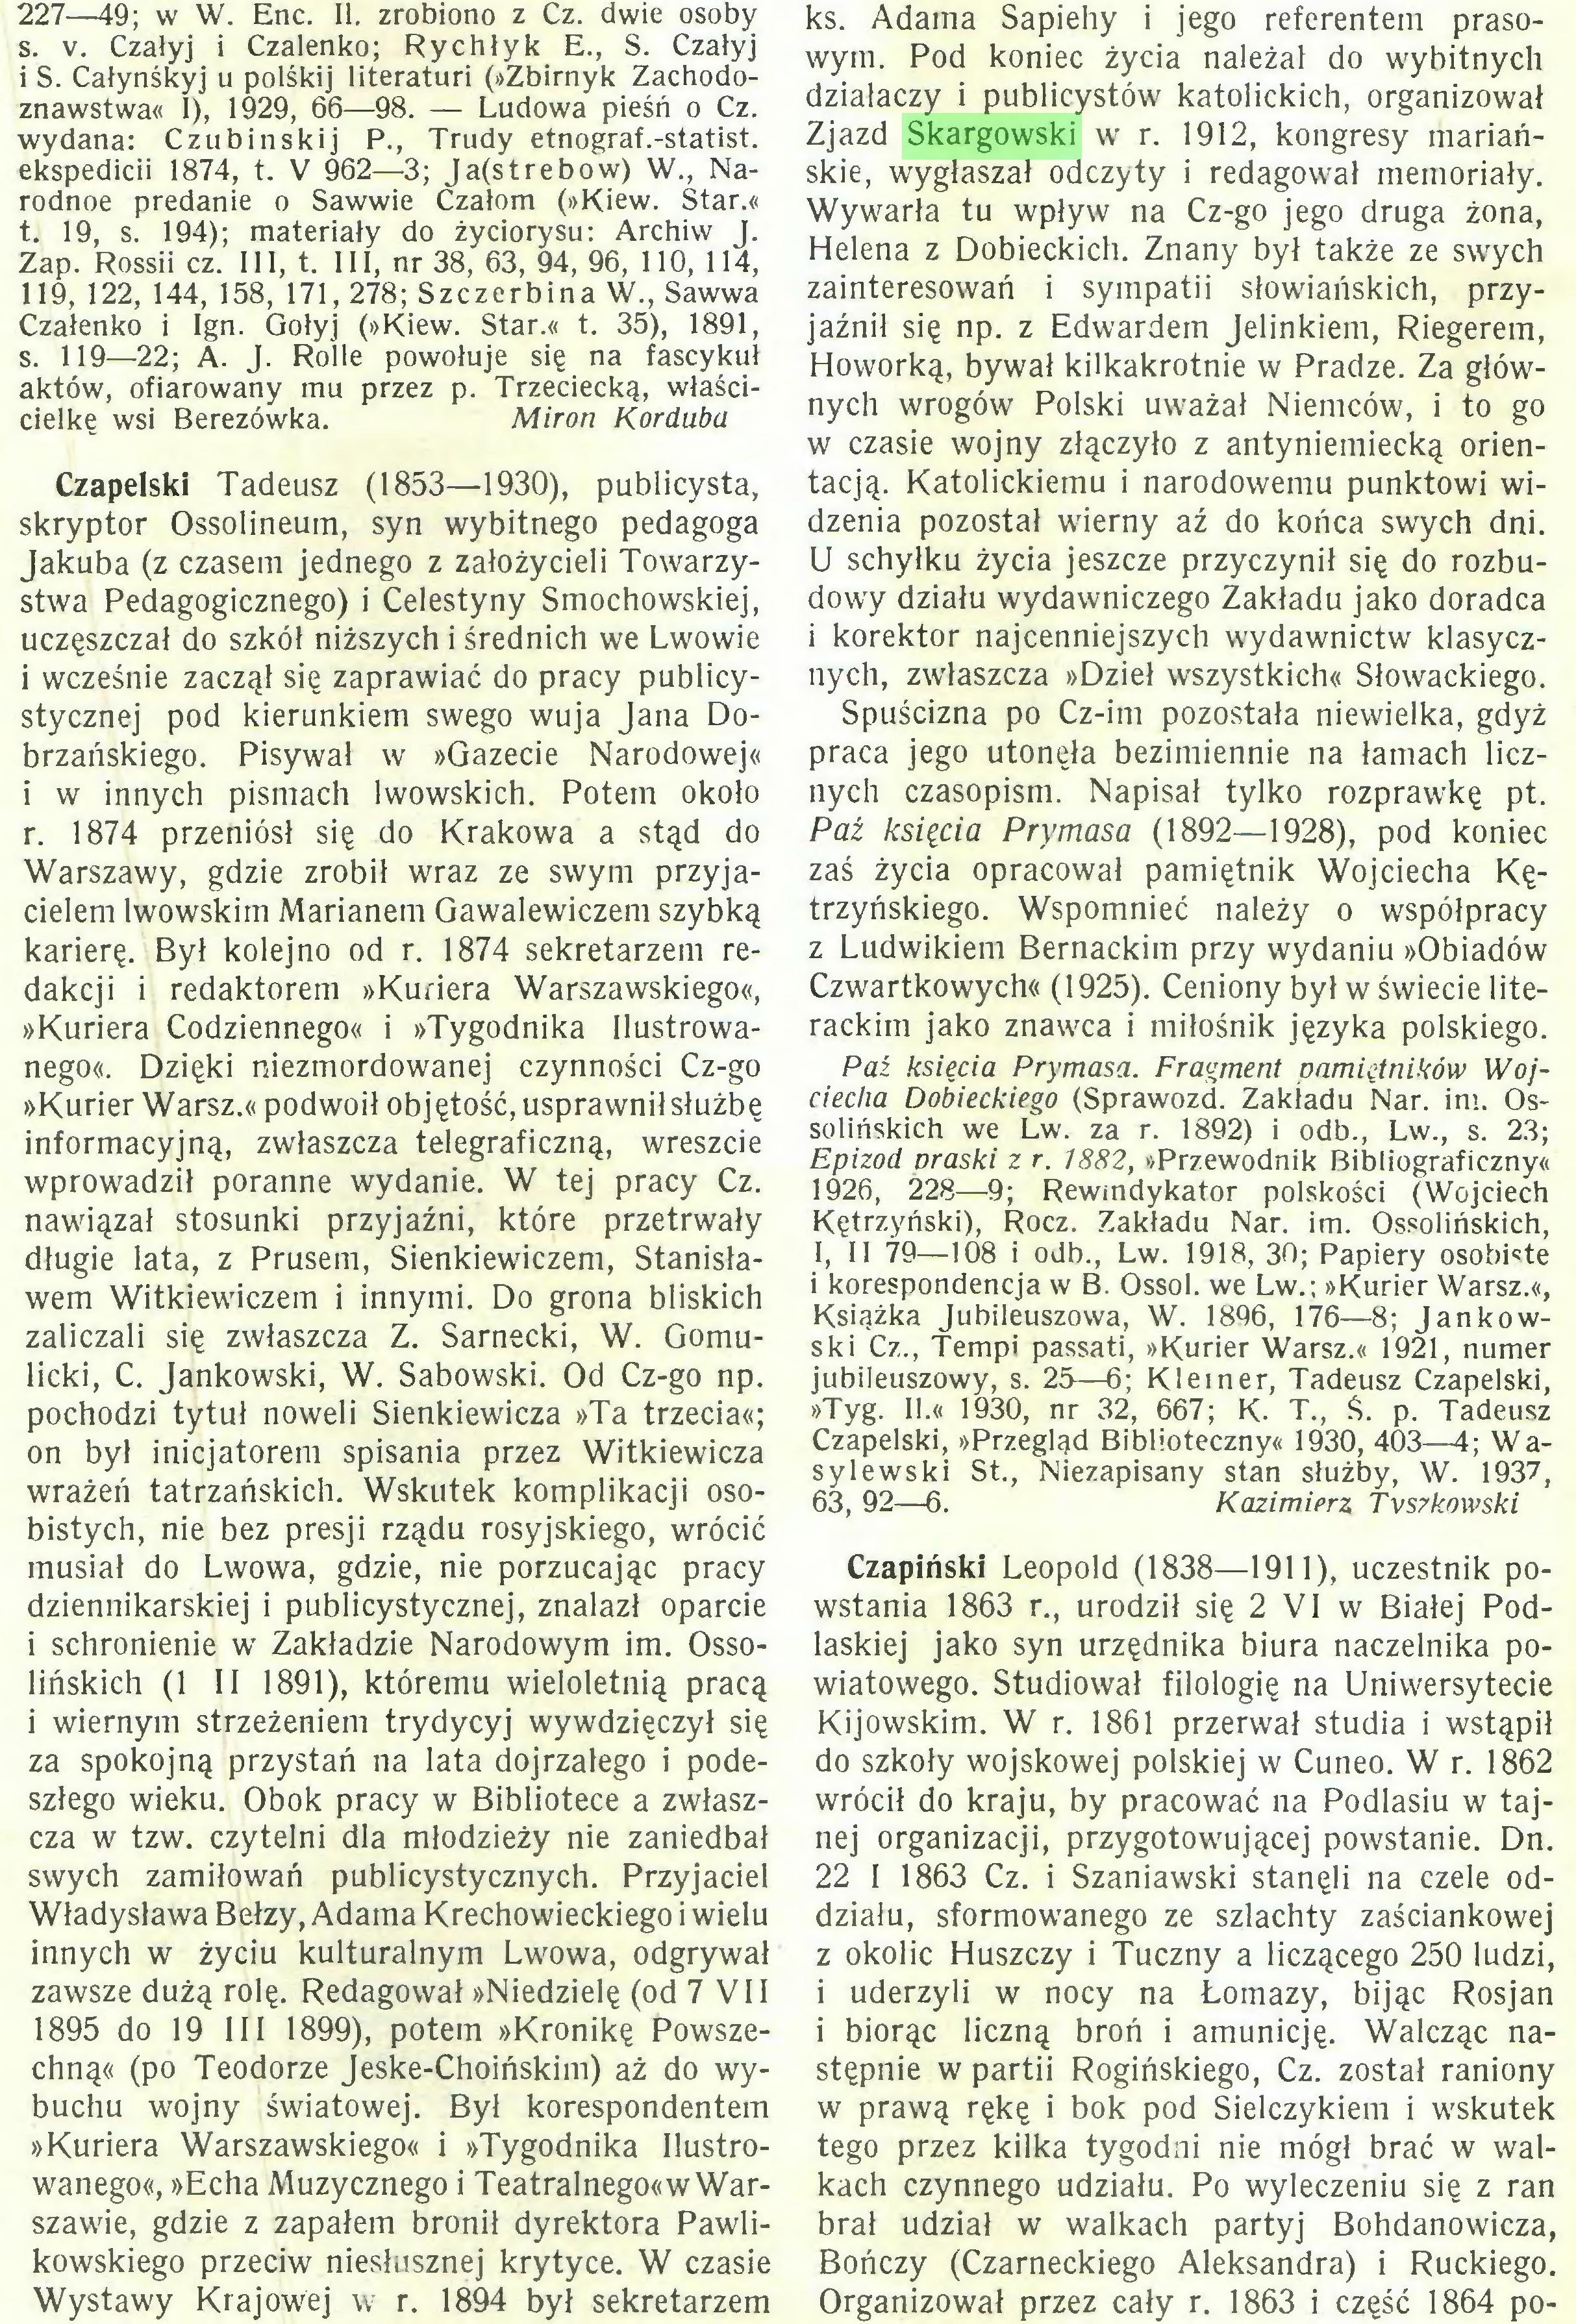 (...) Wystawy Krajowej w r. 1894 był sekretarzem ks. Adama Sapiehy i jego referentem prasowym. Pod koniec życia należał do wybitnych działaczy i publicystów katolickich, organizował Zjazd Skargowski w r. 1912, kongresy mariańskie, wygłaszał odczyty i redagował memoriały...